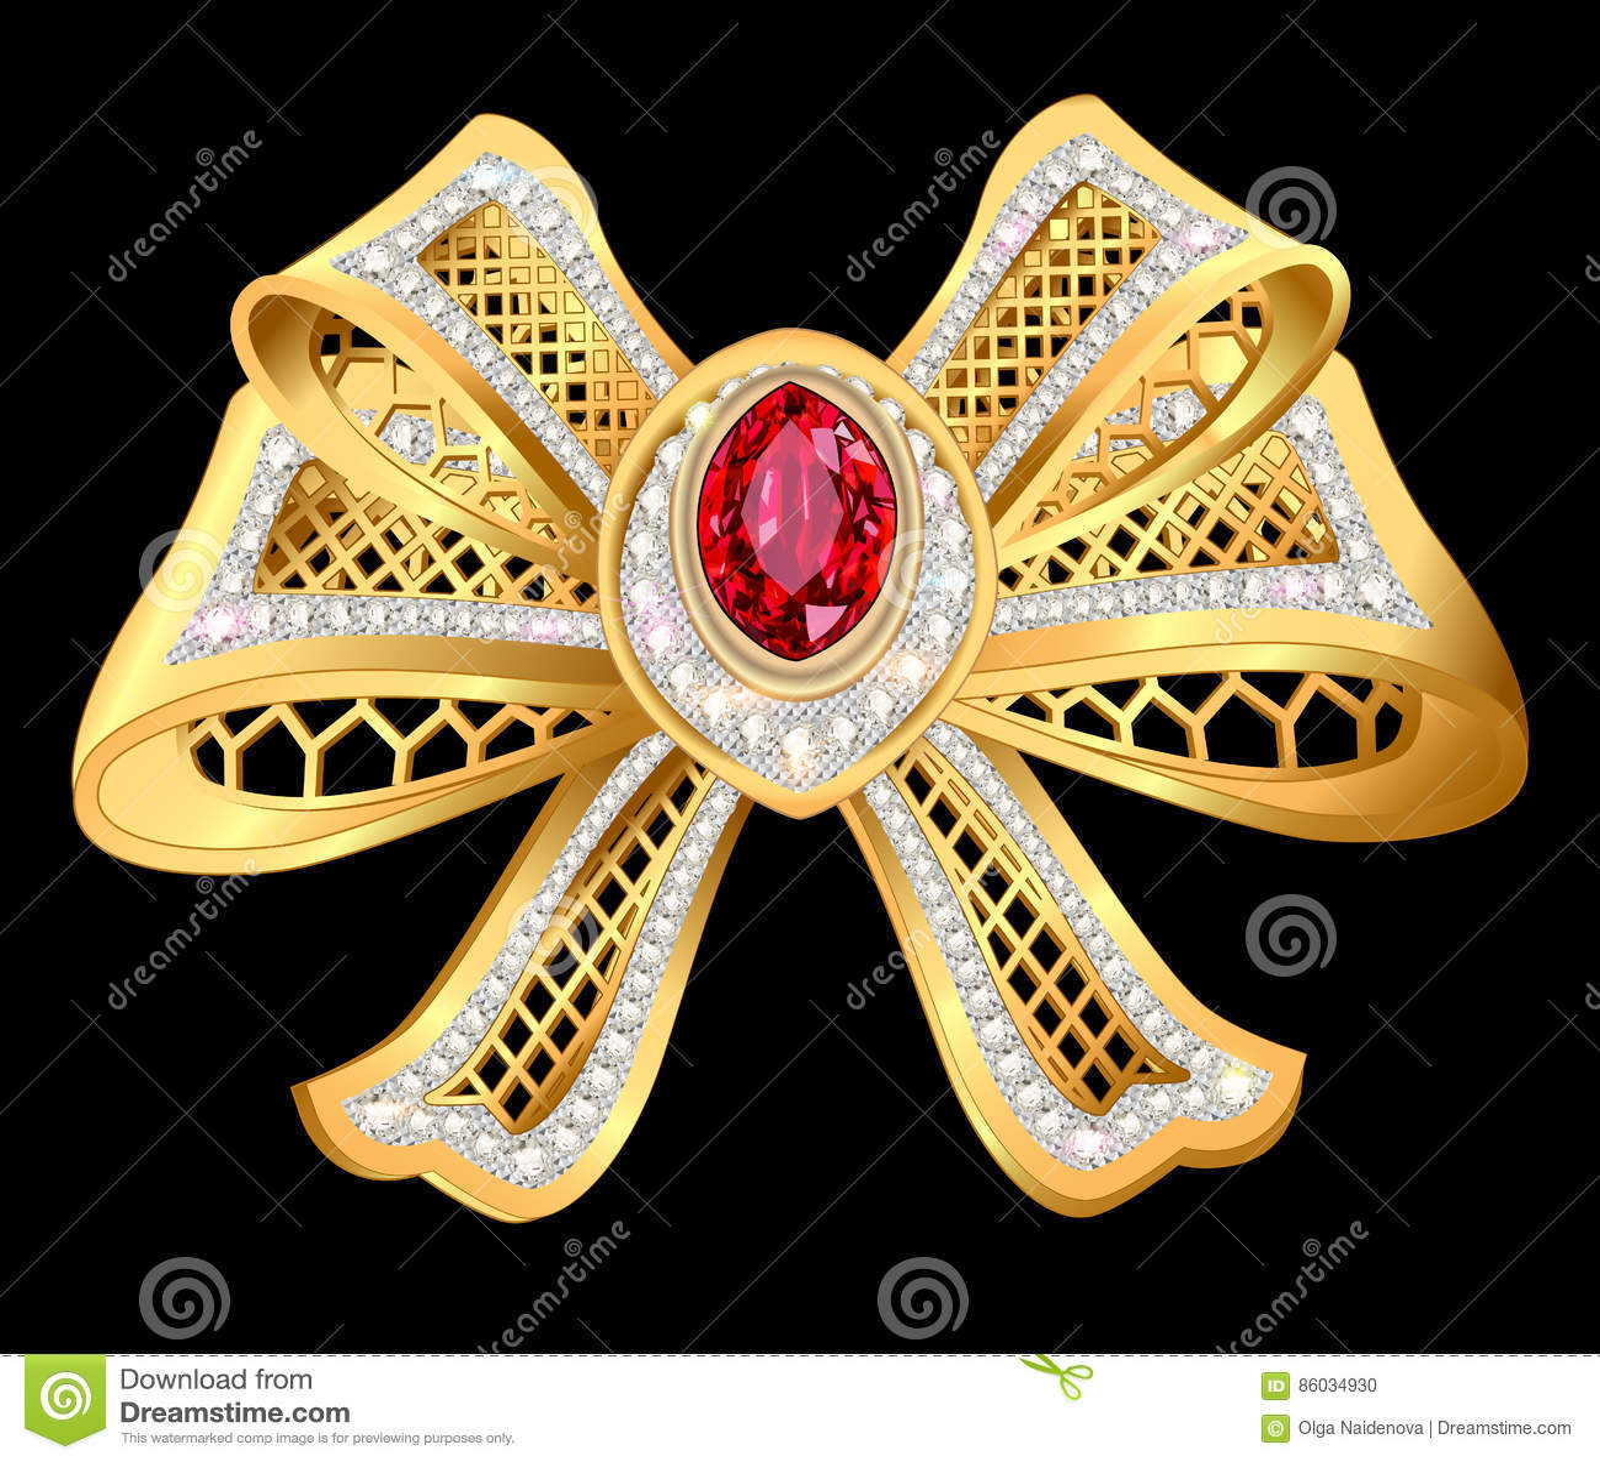 Błyszcząca złocista łęk broszka z siatką i klejnotami